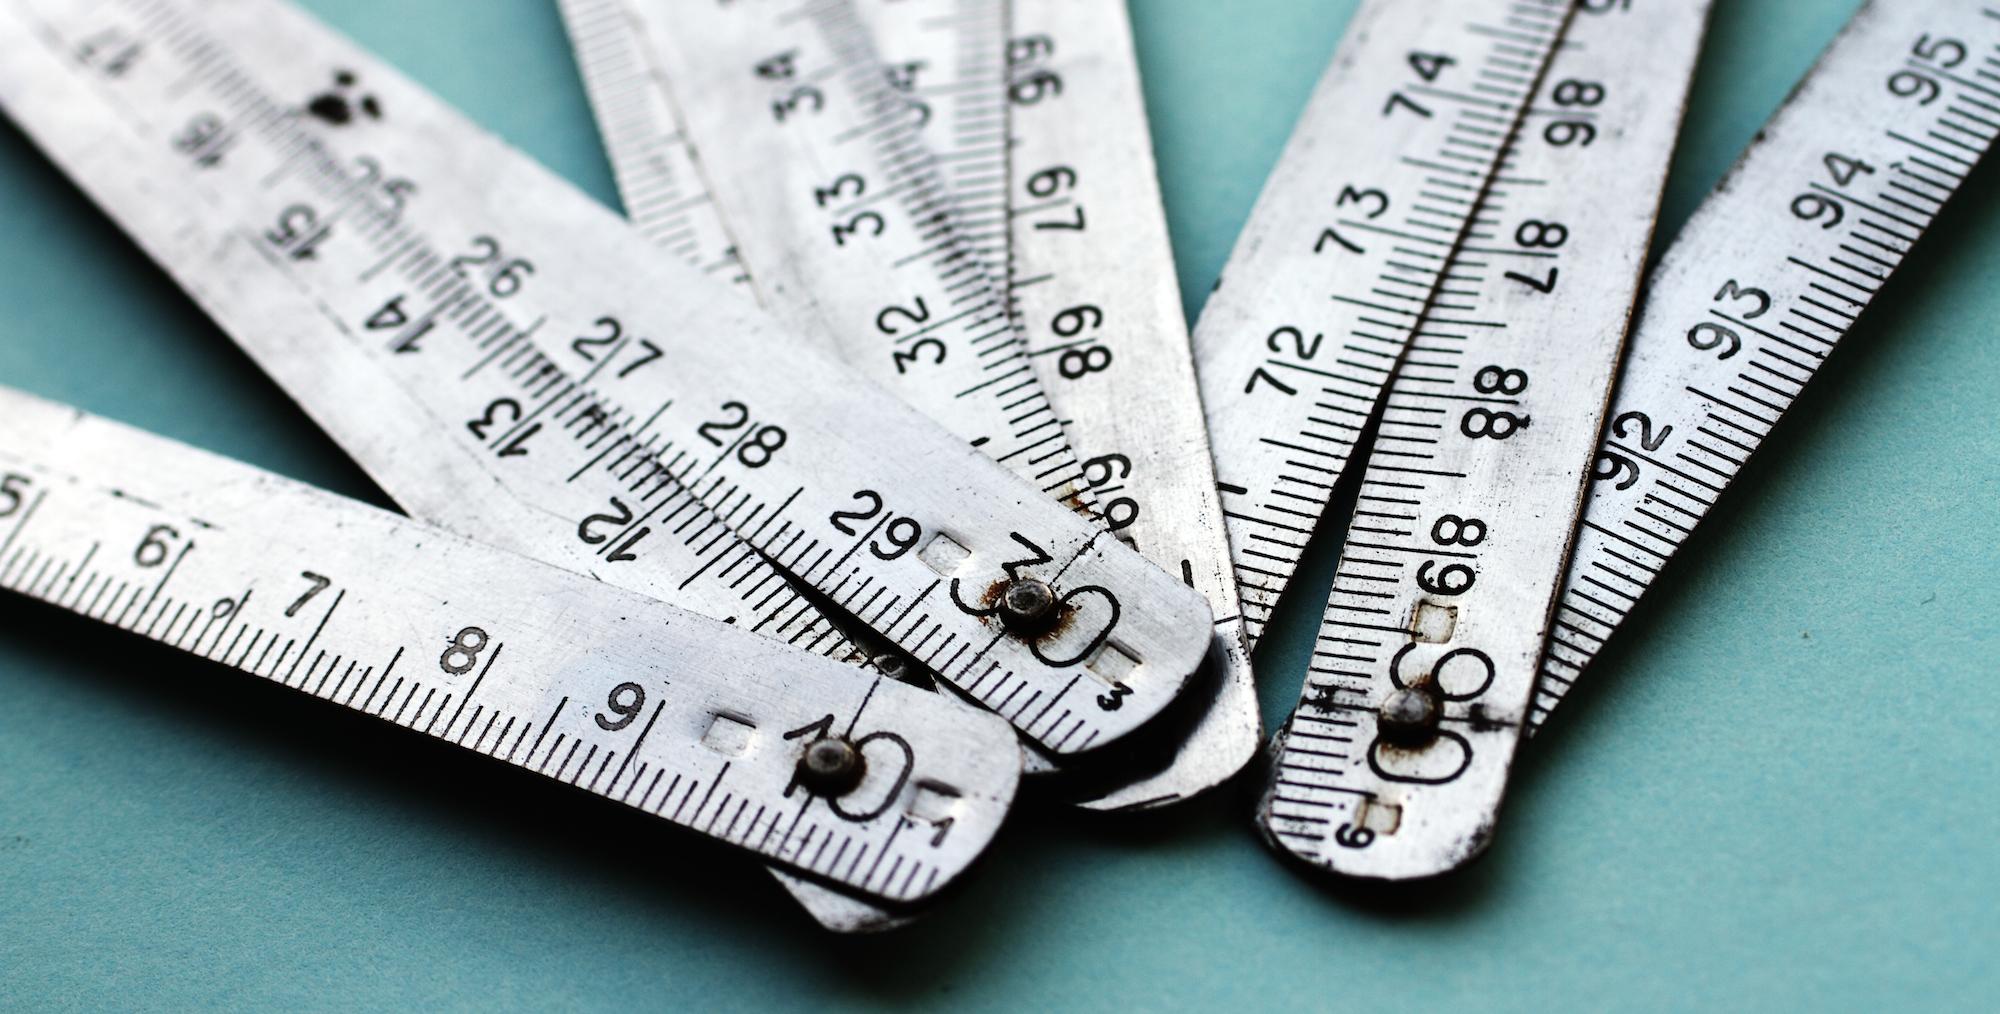 ruler metrics measure